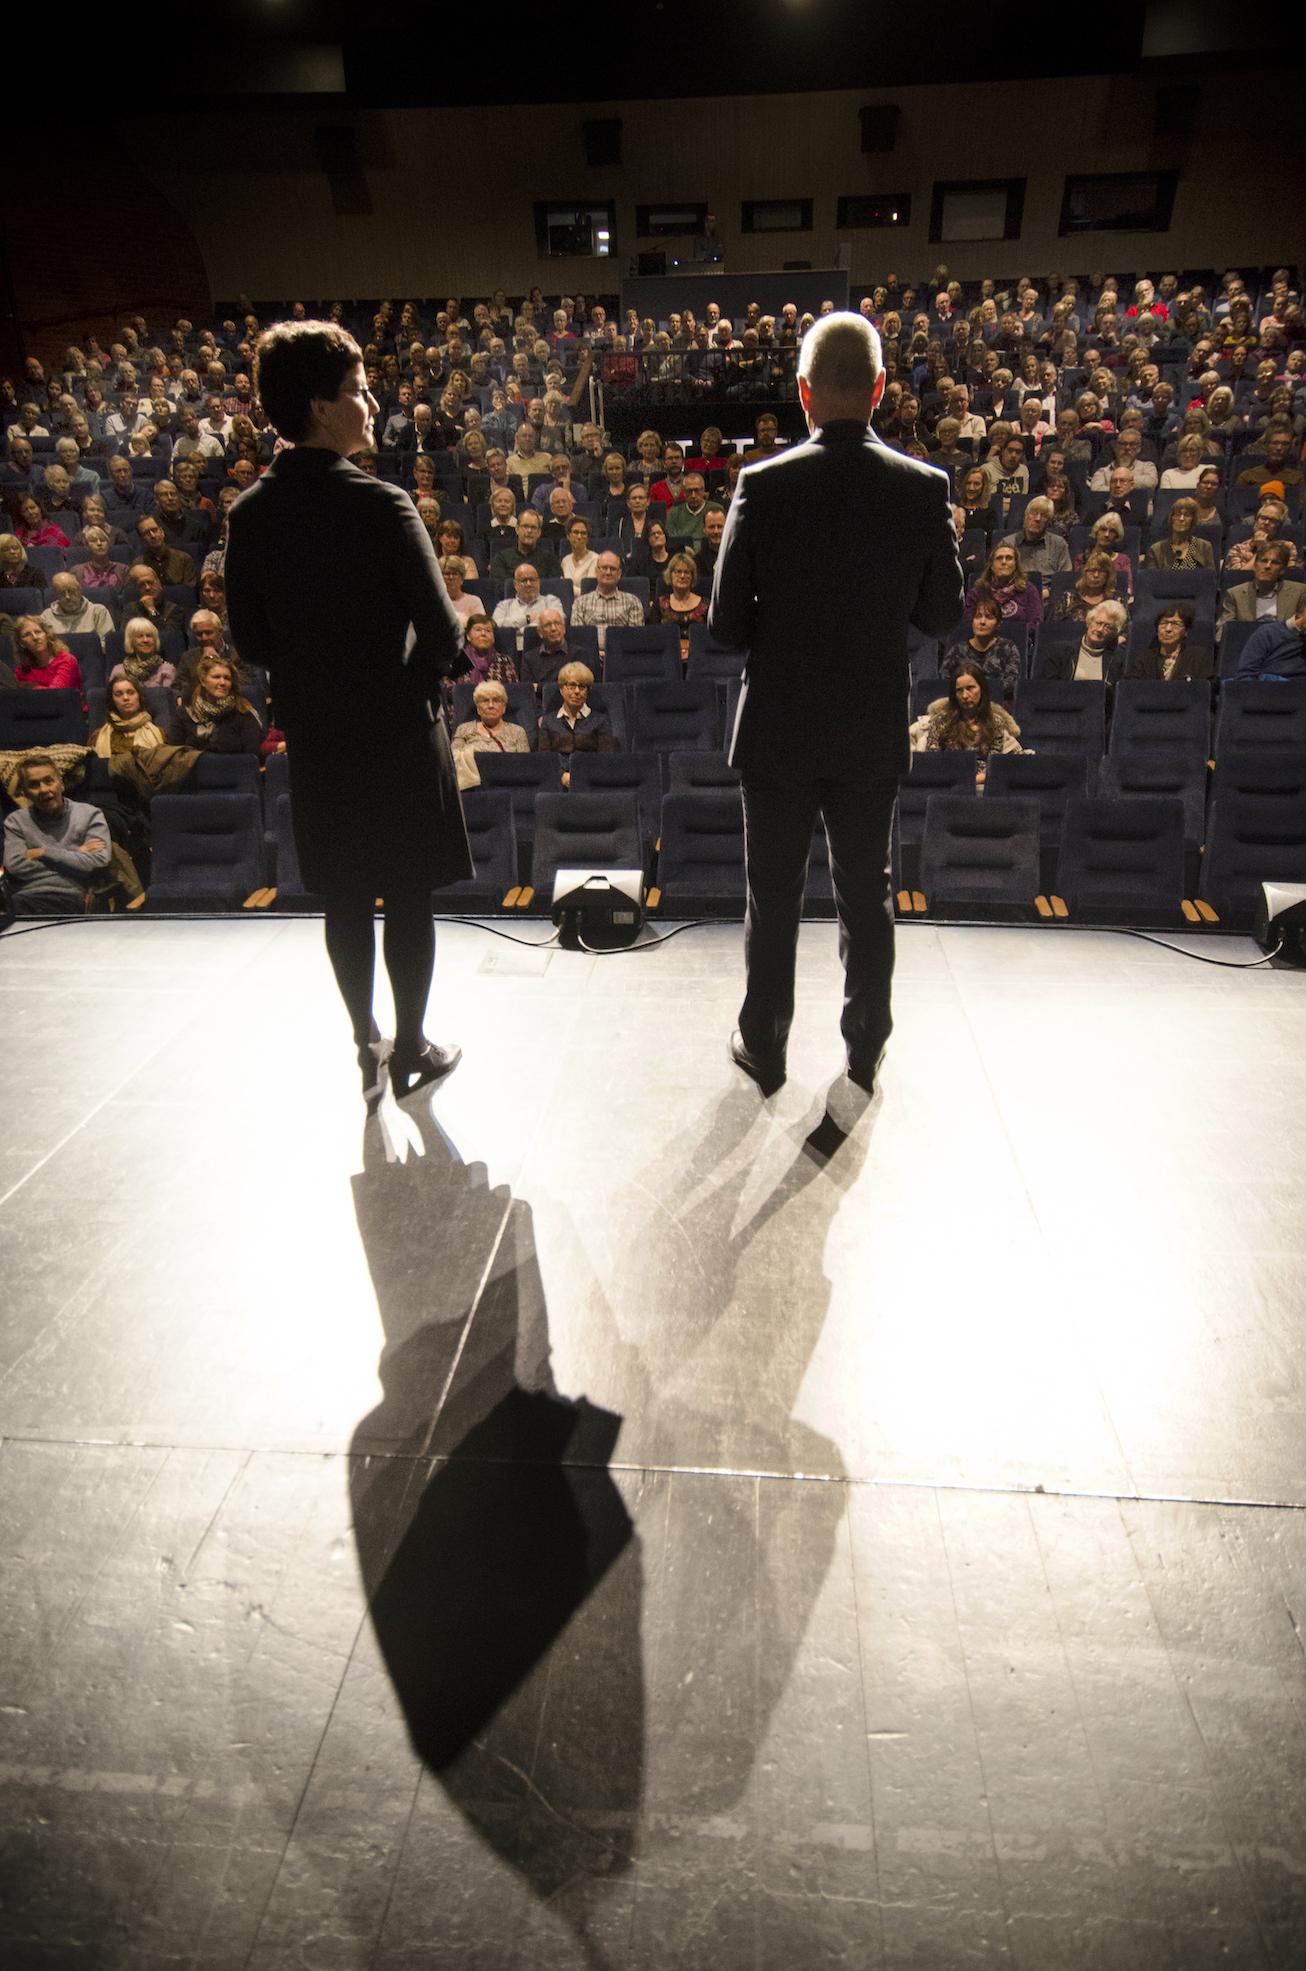 Pia och Hans på scen_liten